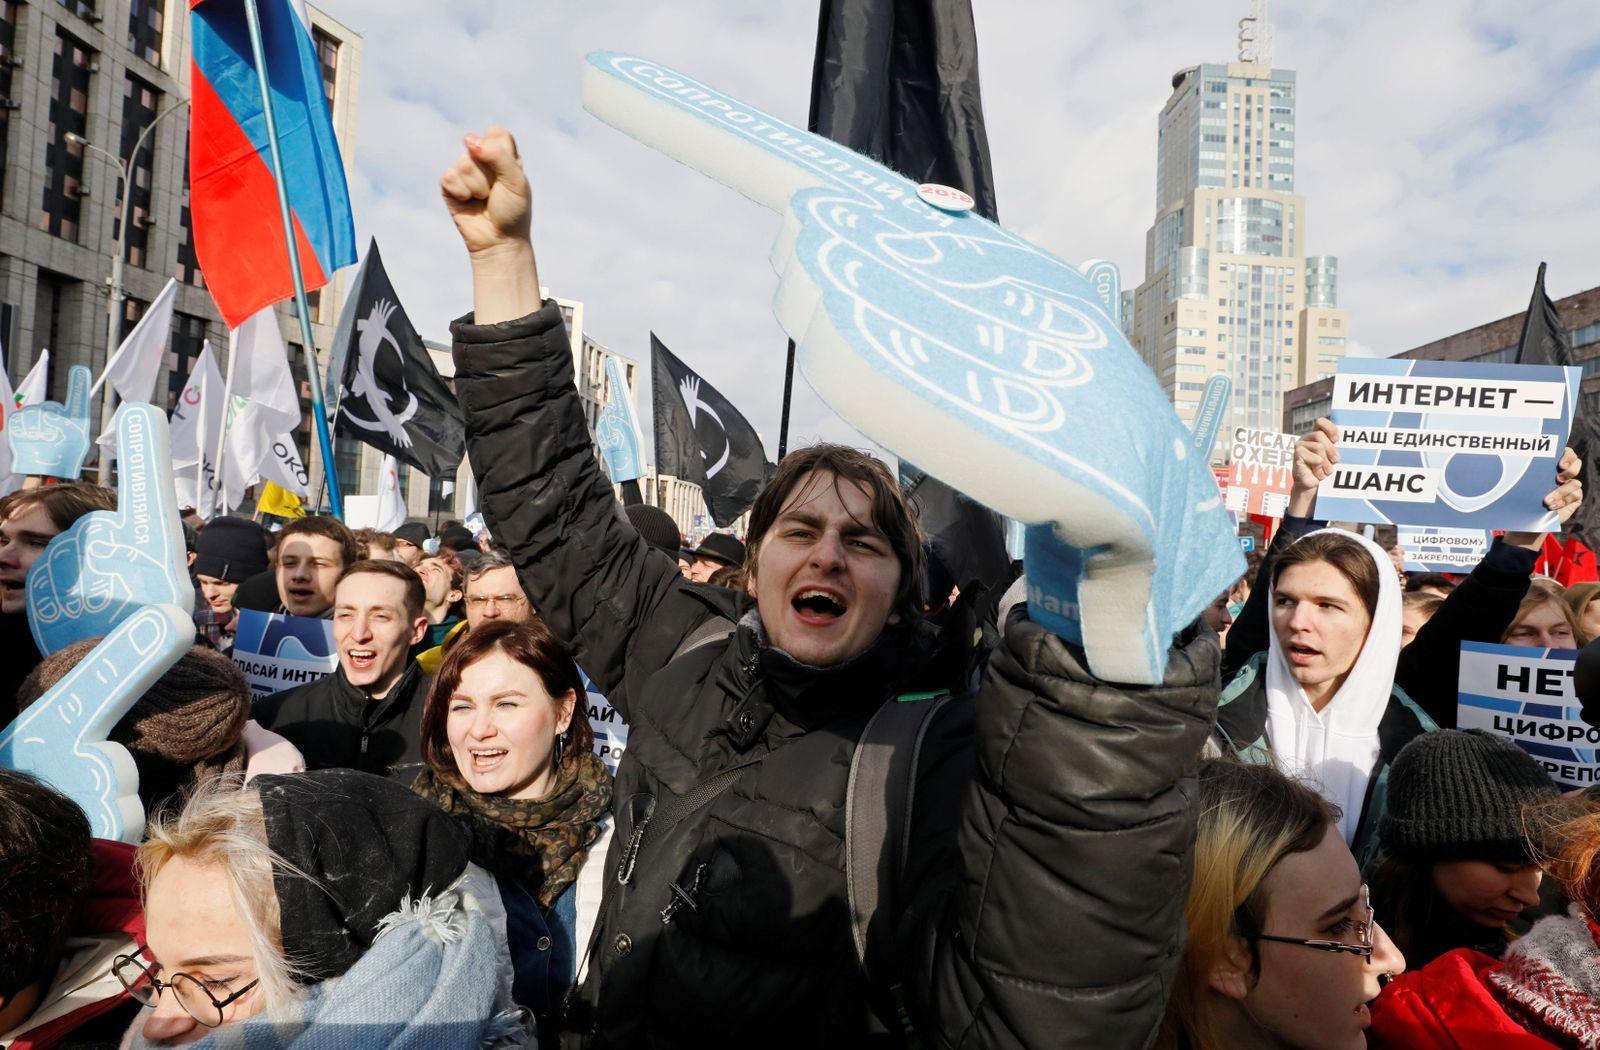 Russland/ Internet/ Protest/ Demonstration/ 2019